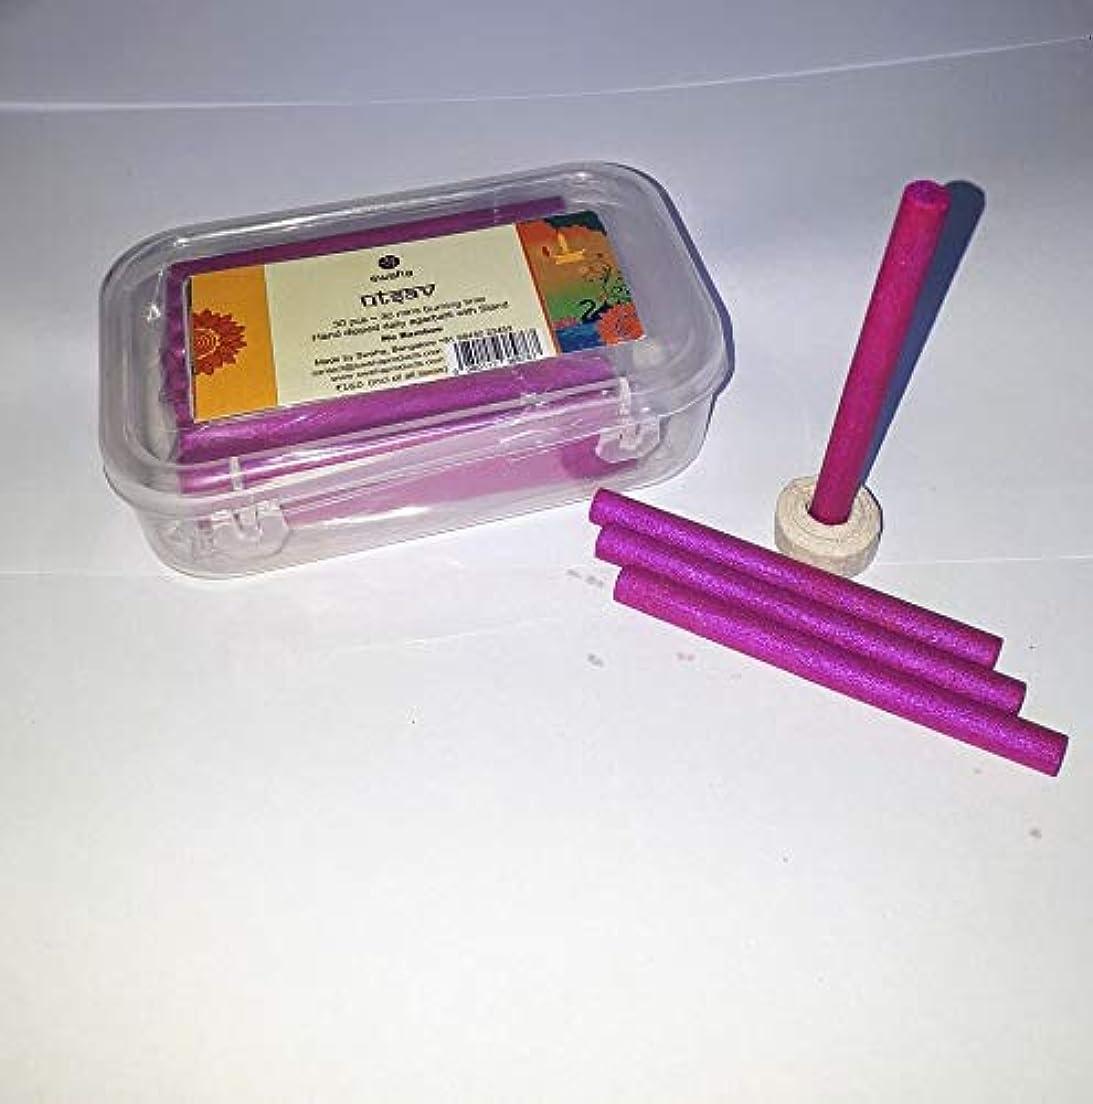 遅いクライマックス展開するSwaha Utsav Cylindrical Incense Sticks (7.5 cm x 1 cm x 1 cm, Pink, Set of 30)